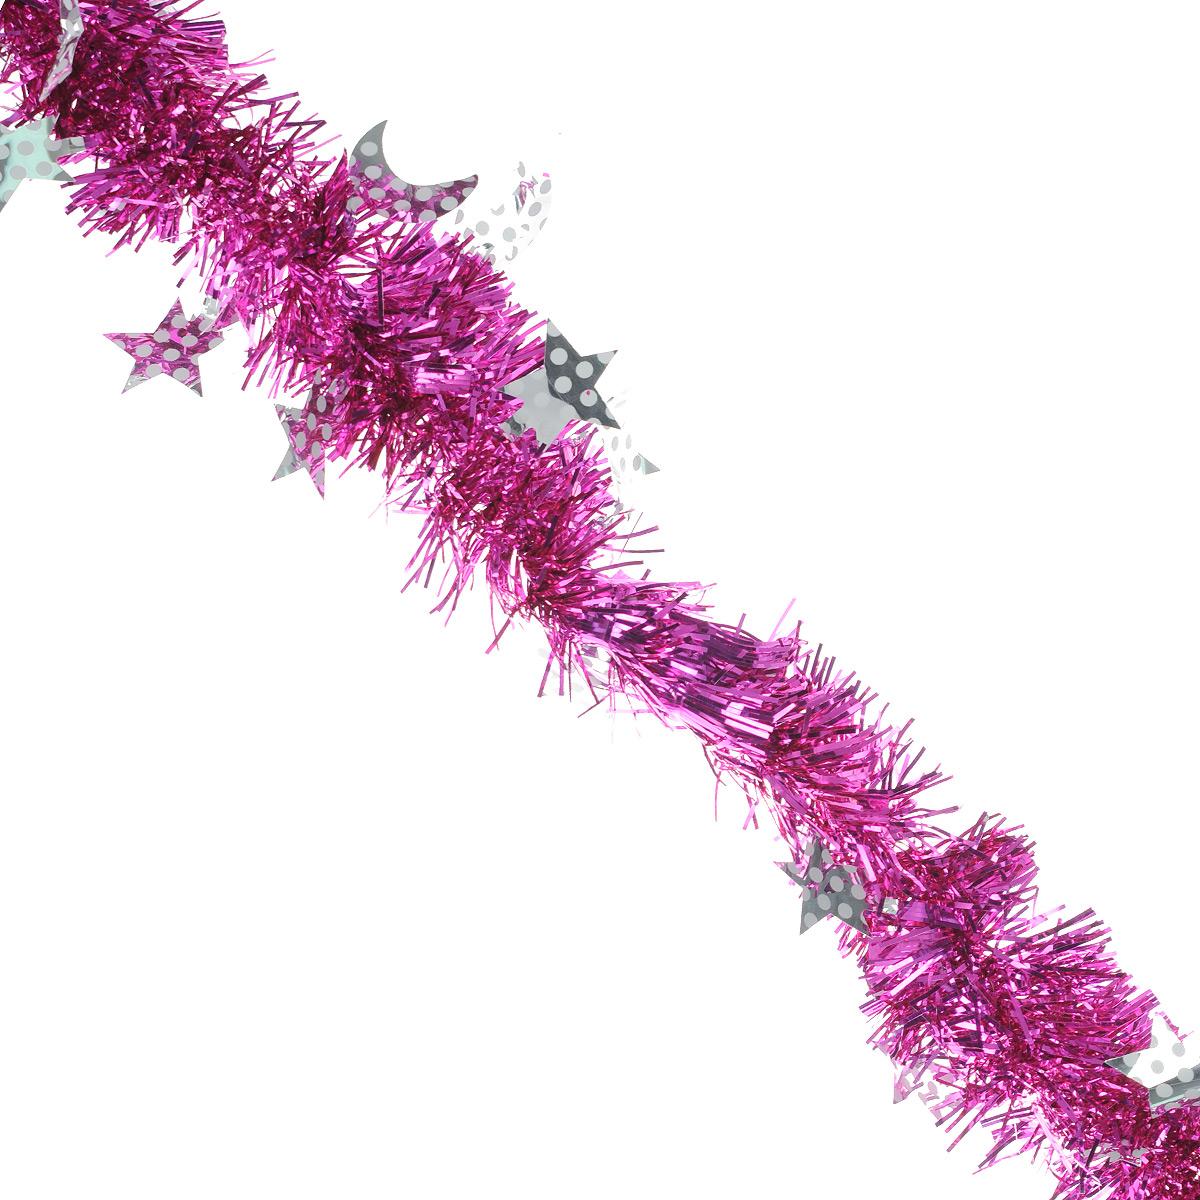 Мишура новогодняя Sima-land, цвет: серебристый, фиолетовый, диаметр 6 см, длина 2 м. 825974C0042416Мишура новогодняя Sima-land, выполненная из двухцветной фольги, поможет вам украсить свой дом к предстоящим праздникам. Мишура армирована, то есть имеет проволоку внутри и способна сохранять приданную ей форму.Новогодняя елка с таким украшением станет еще наряднее. Новогодней мишурой можно украсить все, что угодно - елку, квартиру, дачу, офис - как внутри, так и снаружи. Можно сложить новогодние поздравления, буквы и цифры, мишурой можно украсить и дополнить гирлянды, можно выделить дверные колонны, оплести дверные проемы. Коллекция декоративных украшений из серии Зимнее волшебство принесет в ваш дом ни с чем несравнимое ощущение праздника! Создайте в своем доме атмосферу тепла, веселья и радости, украшая его всей семьей.